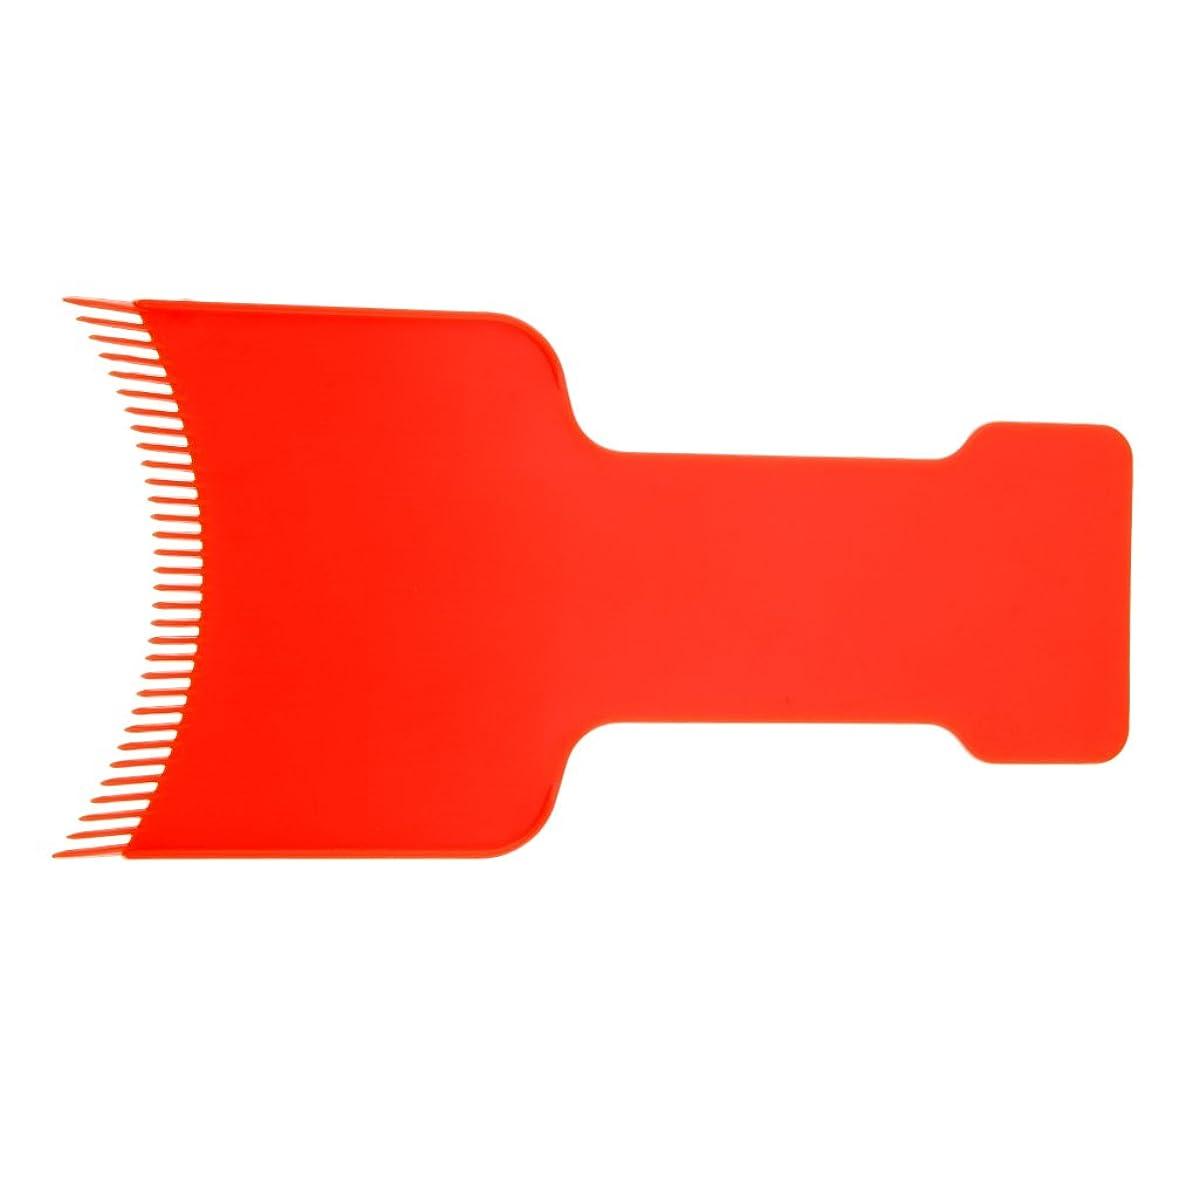 きゅうりアリピークCUTICATE サロンヘアカラーボードヘアカラーティントプレート理髪美容美容 健康